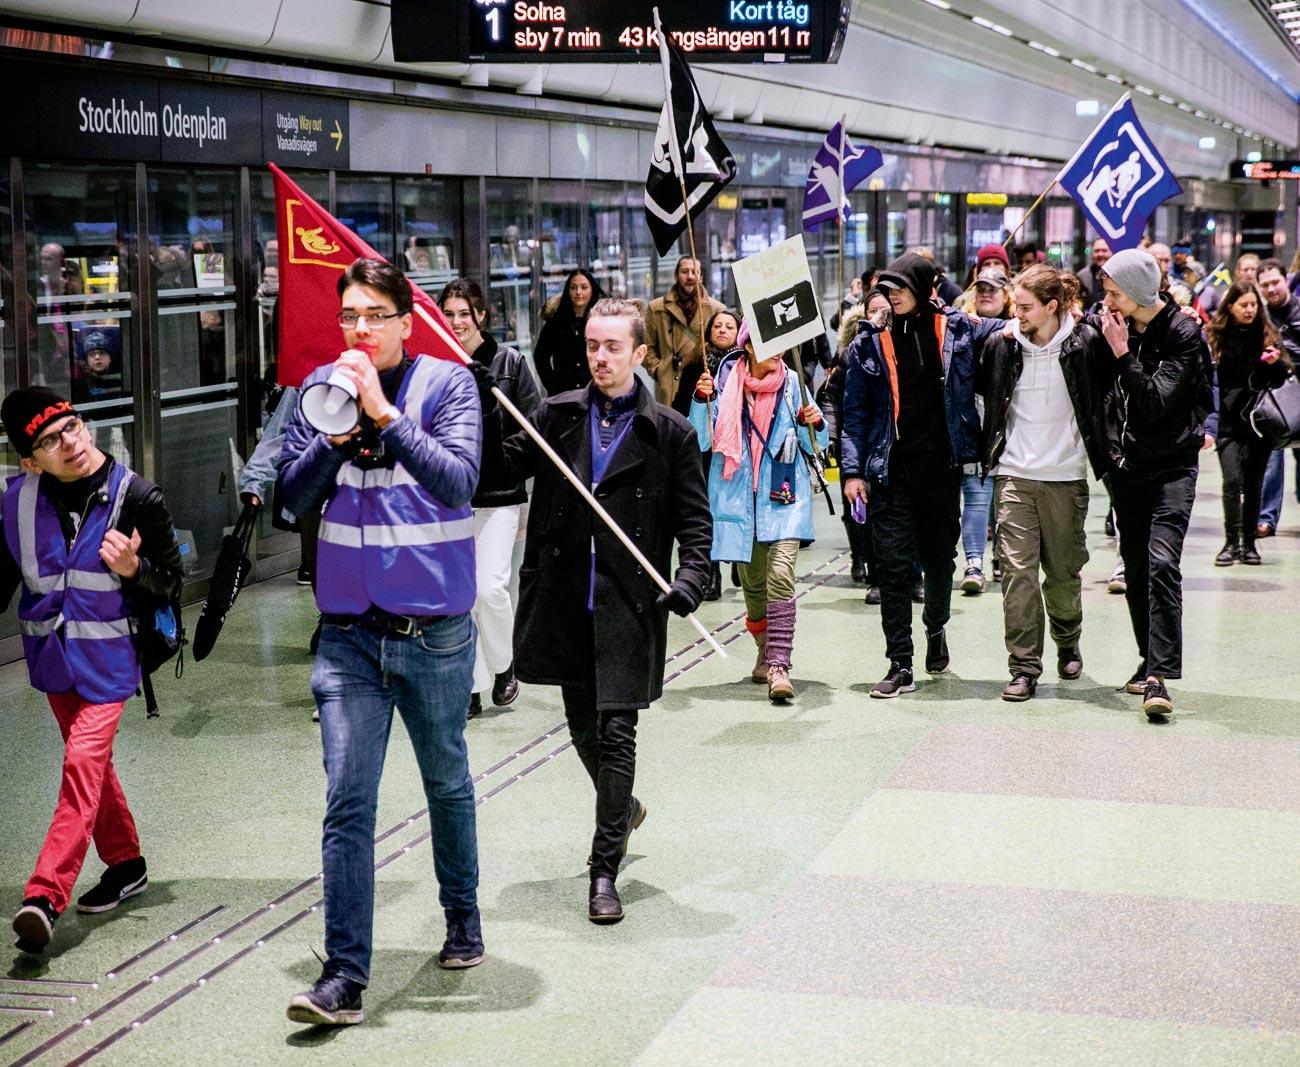 Action du mouvement Panka Nu pour la gratuité des transports publics dans le métro de Stockholm